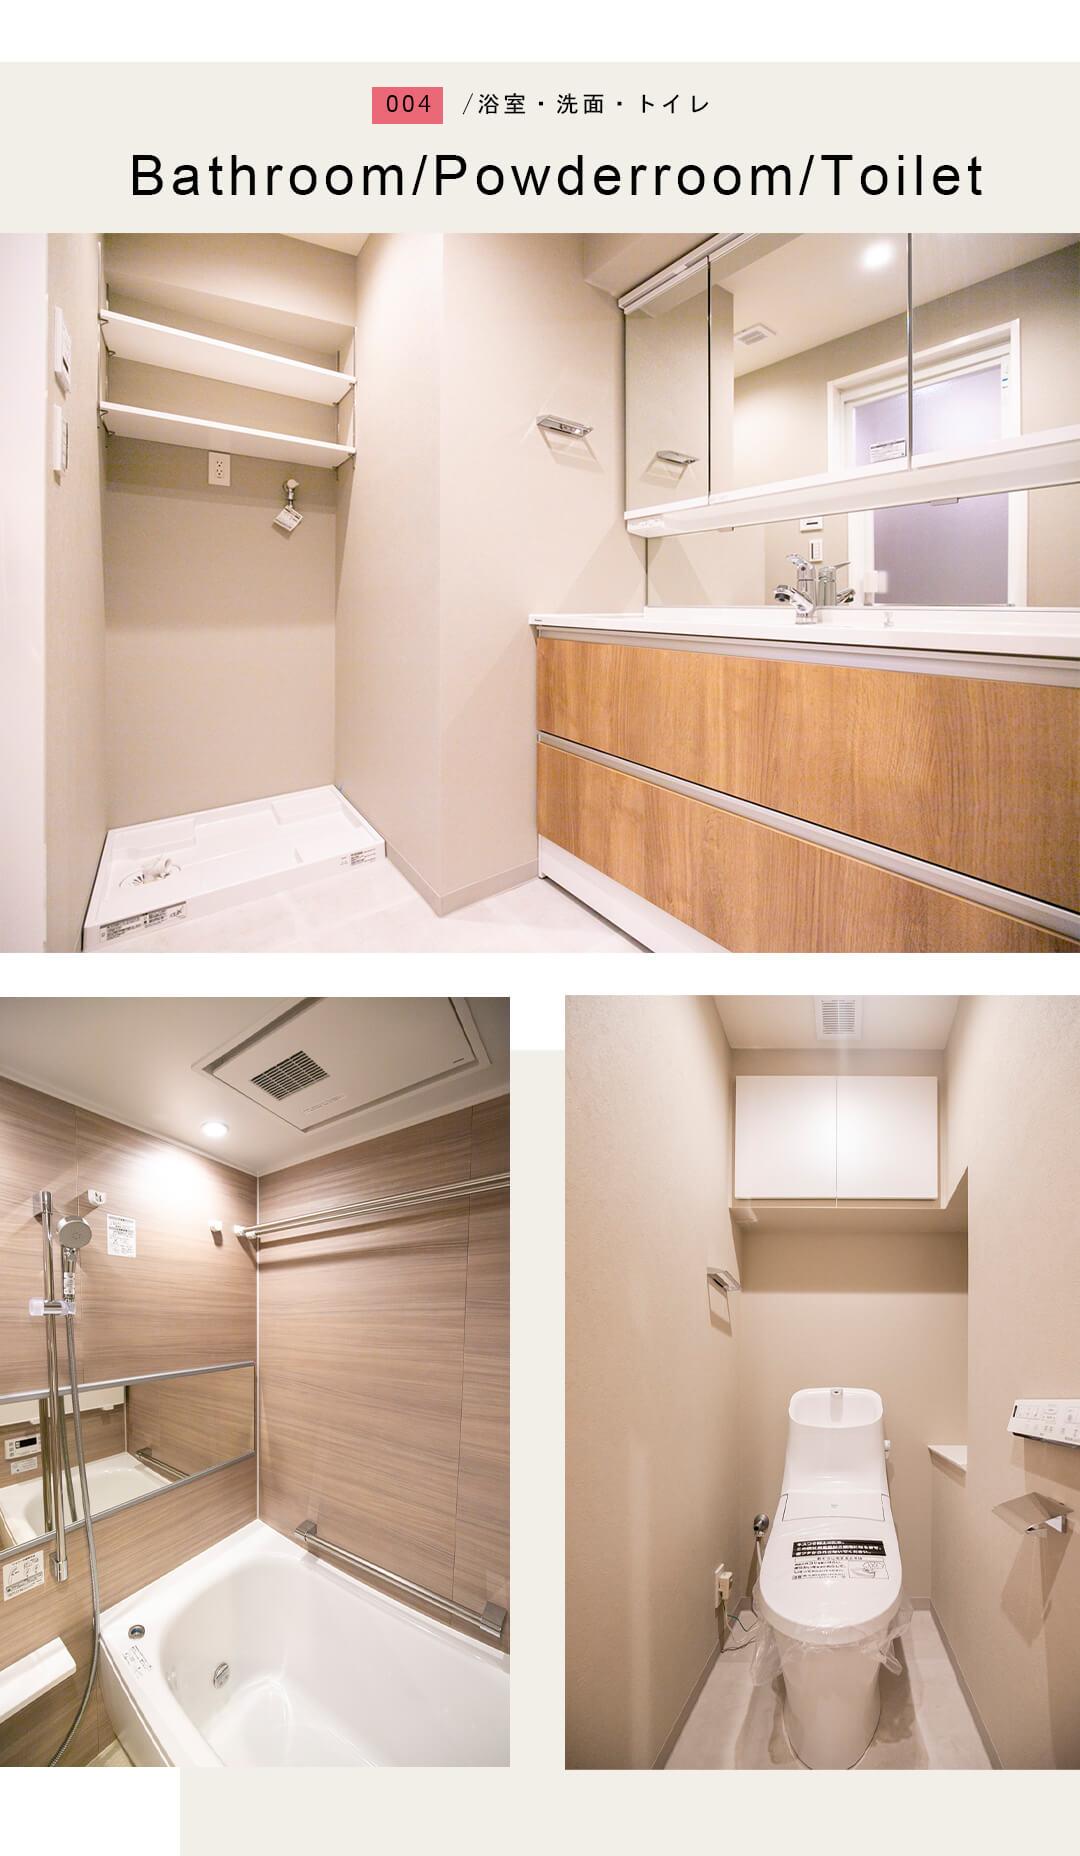 04洗面,浴室,トイレ,Bathroom,Powderroom,Toilet